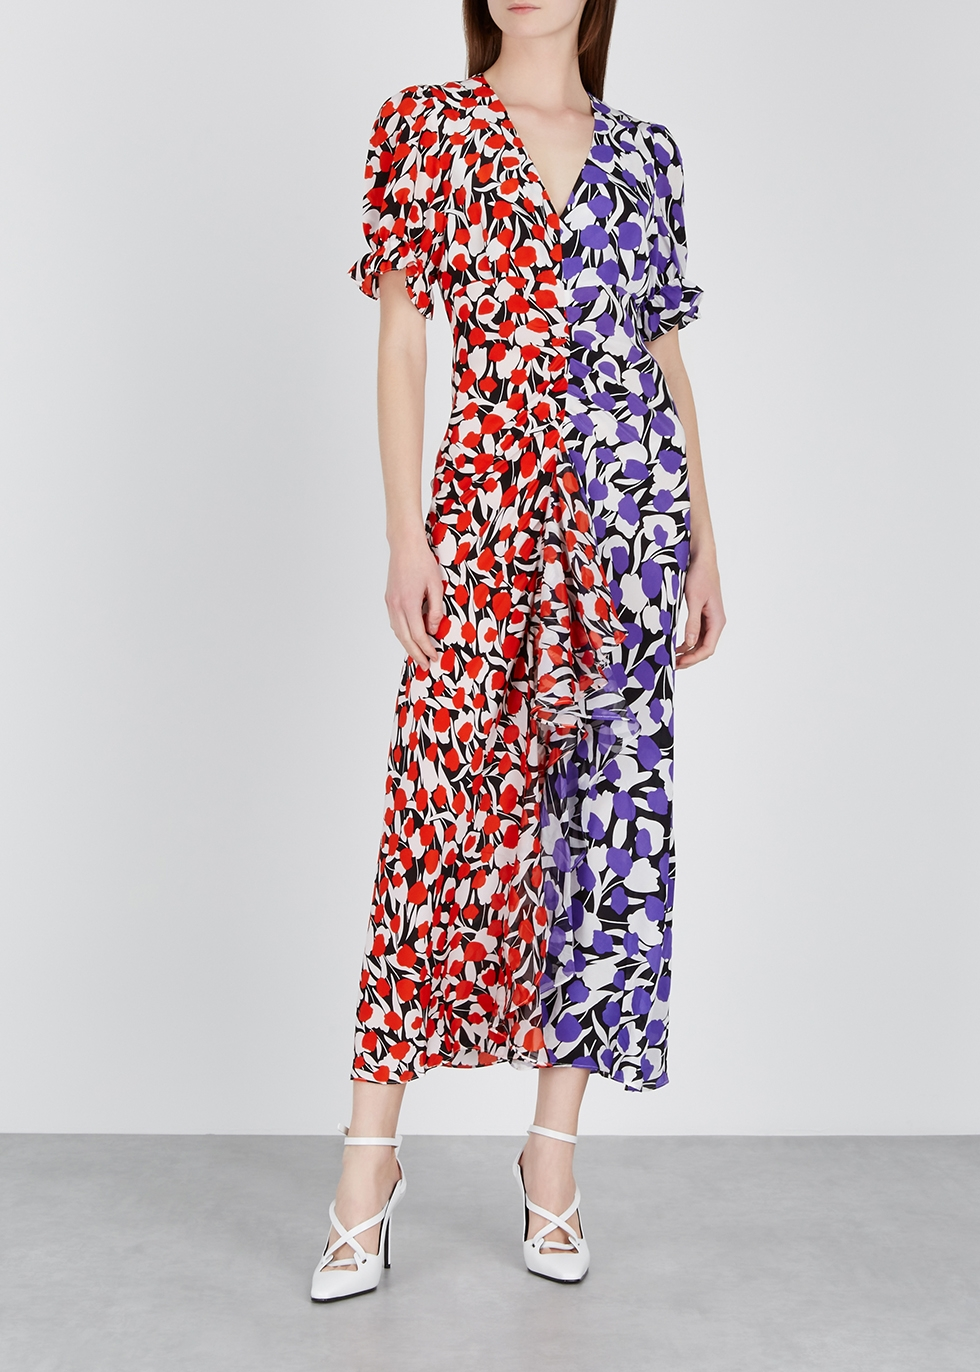 Ariel floral-print silk midi dress - RIXO